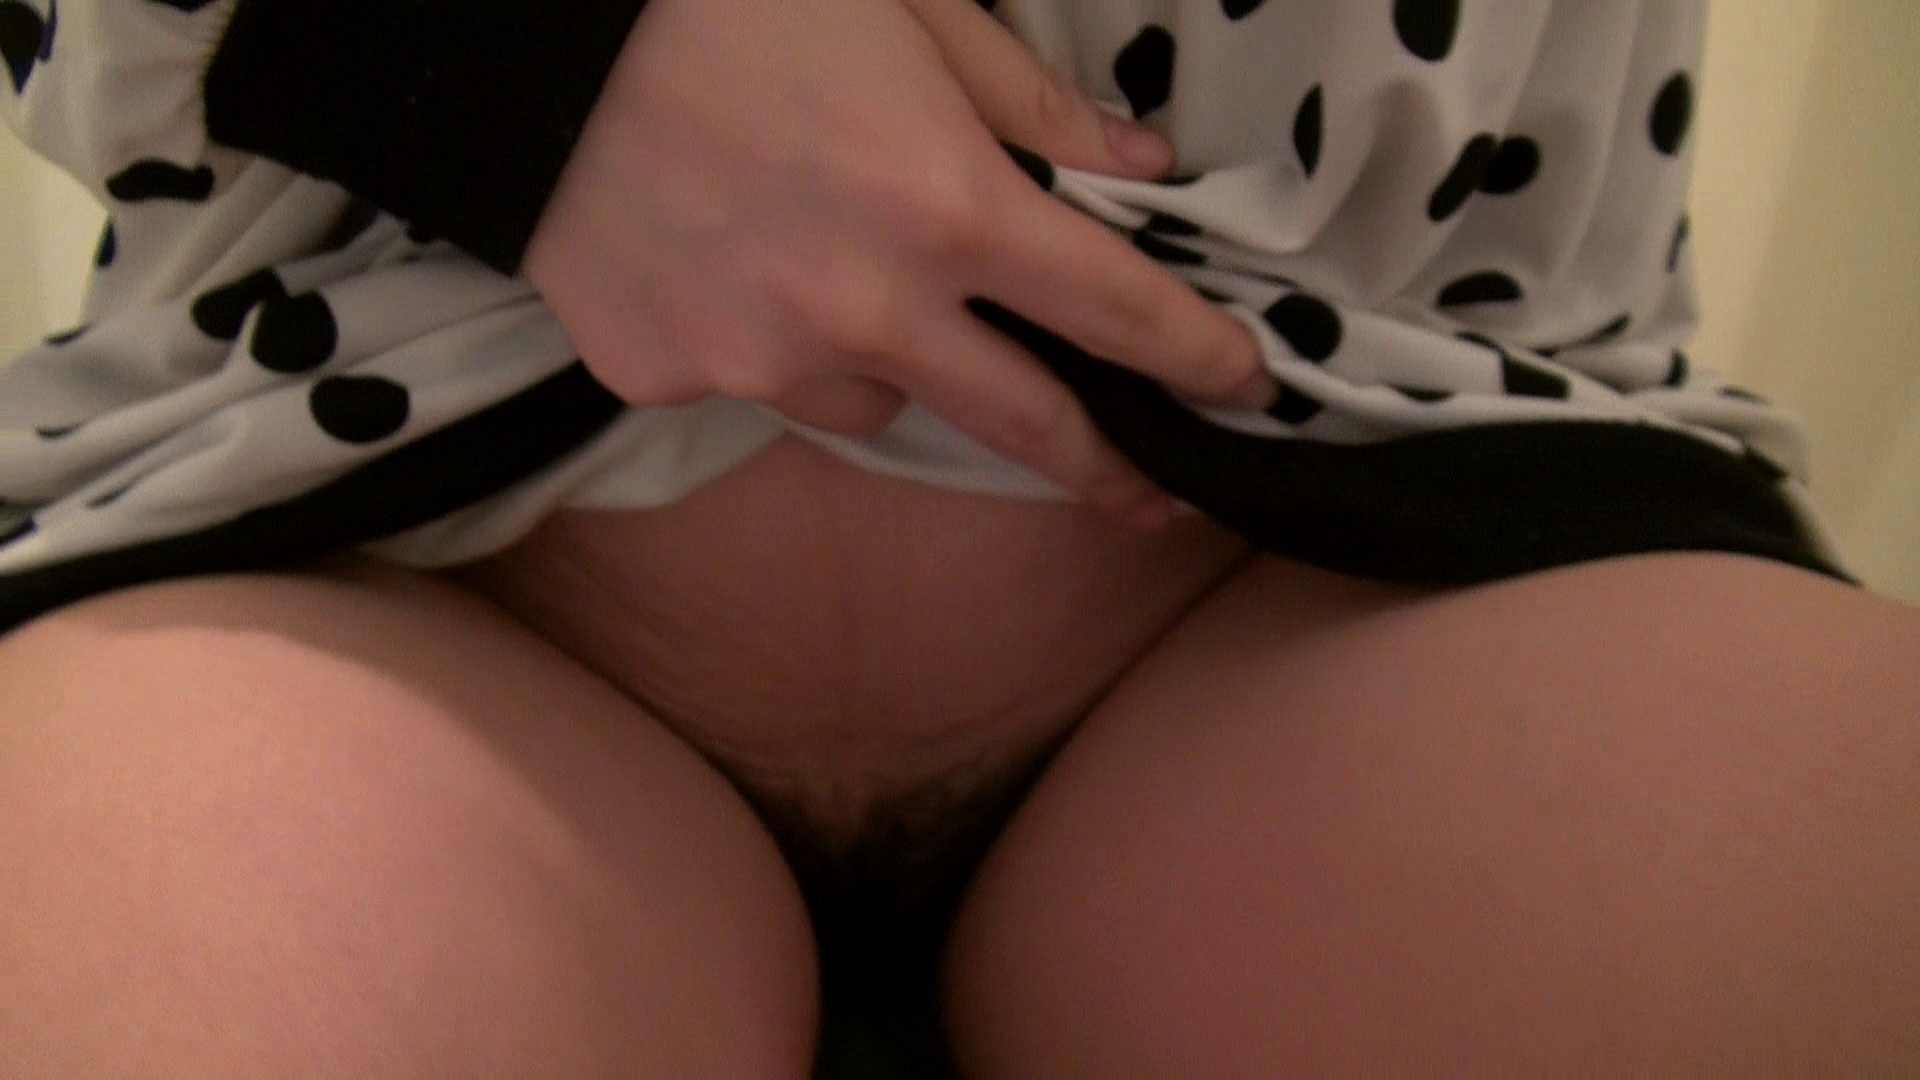 志穂さんにお手洗いに行ってもらいましょう 特撮オマンコ | 覗き  105連発 37